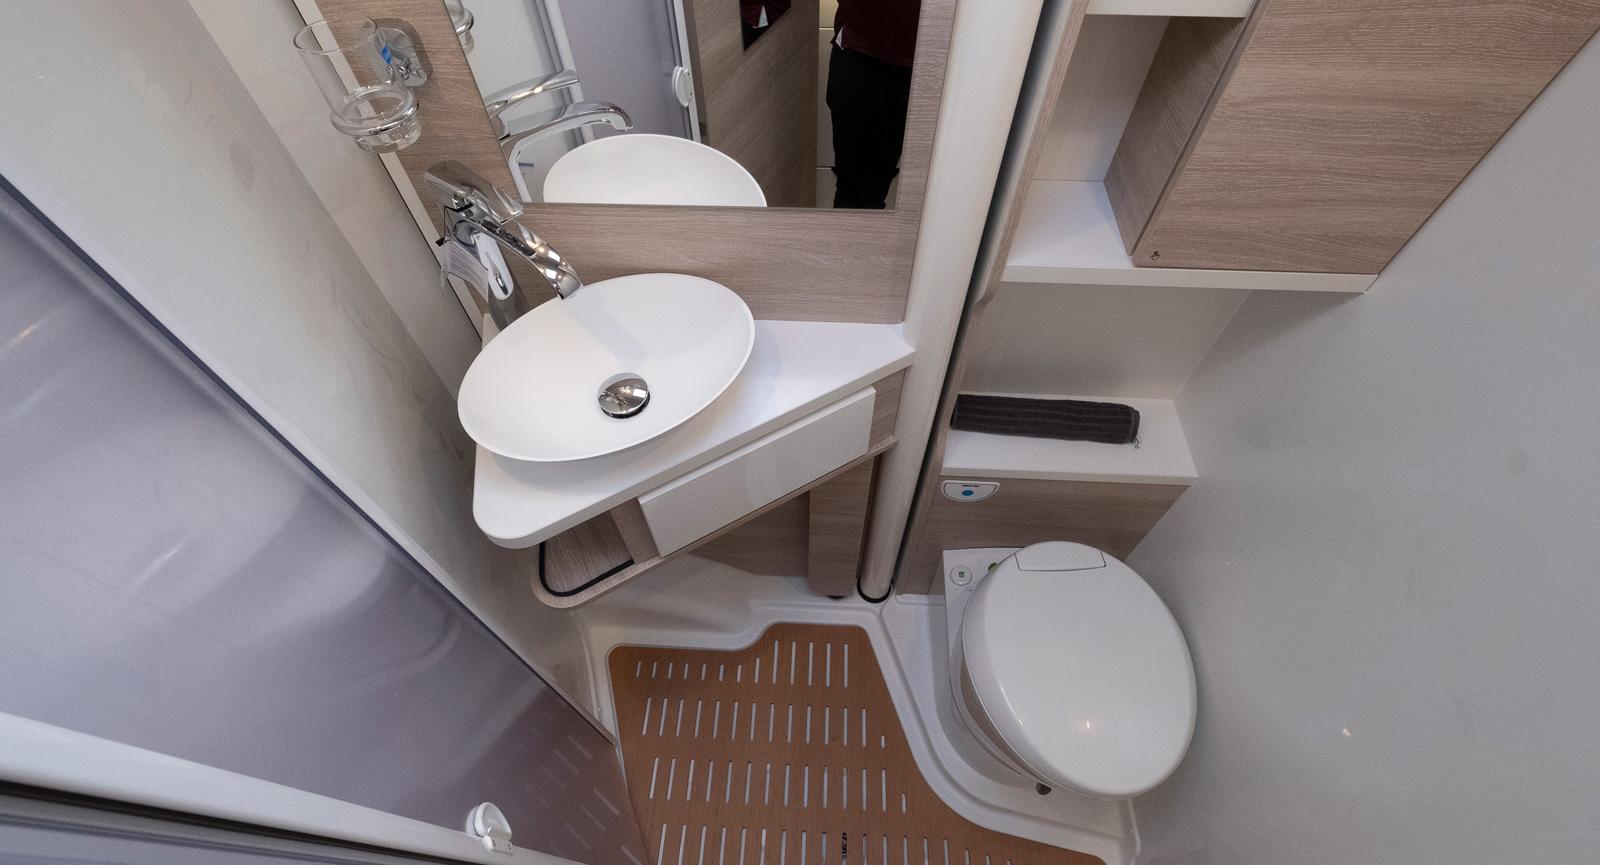 Badrummet är trevligt utformat och har låda under handfatet trots vikväggen.